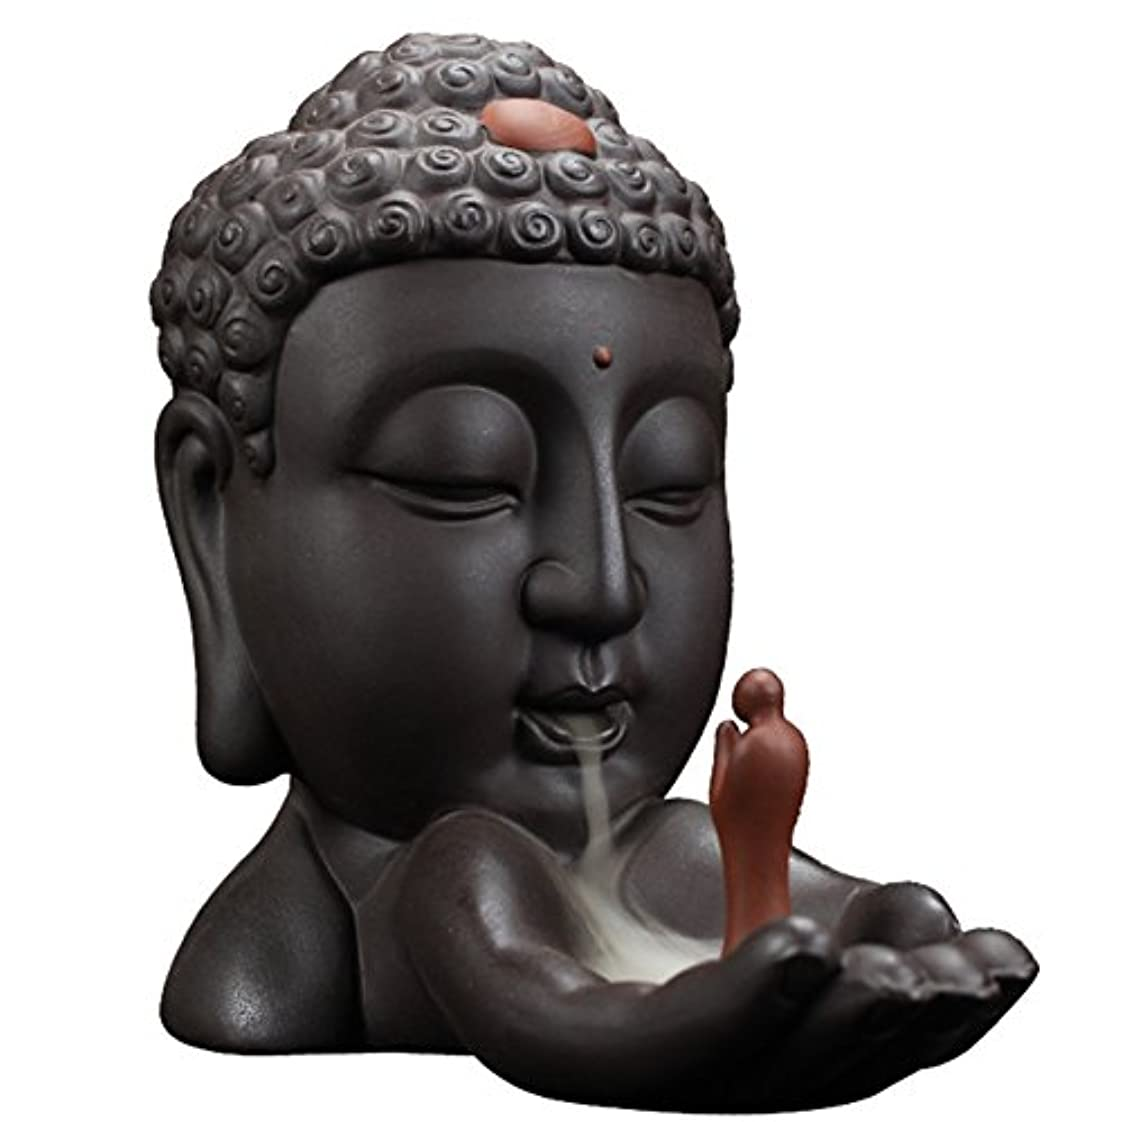 タクト治安判事硬さBackflow Incense Burnerクリエイティブホーム装飾セラミックBuddha Incense Holder Buddhist Censerギフト